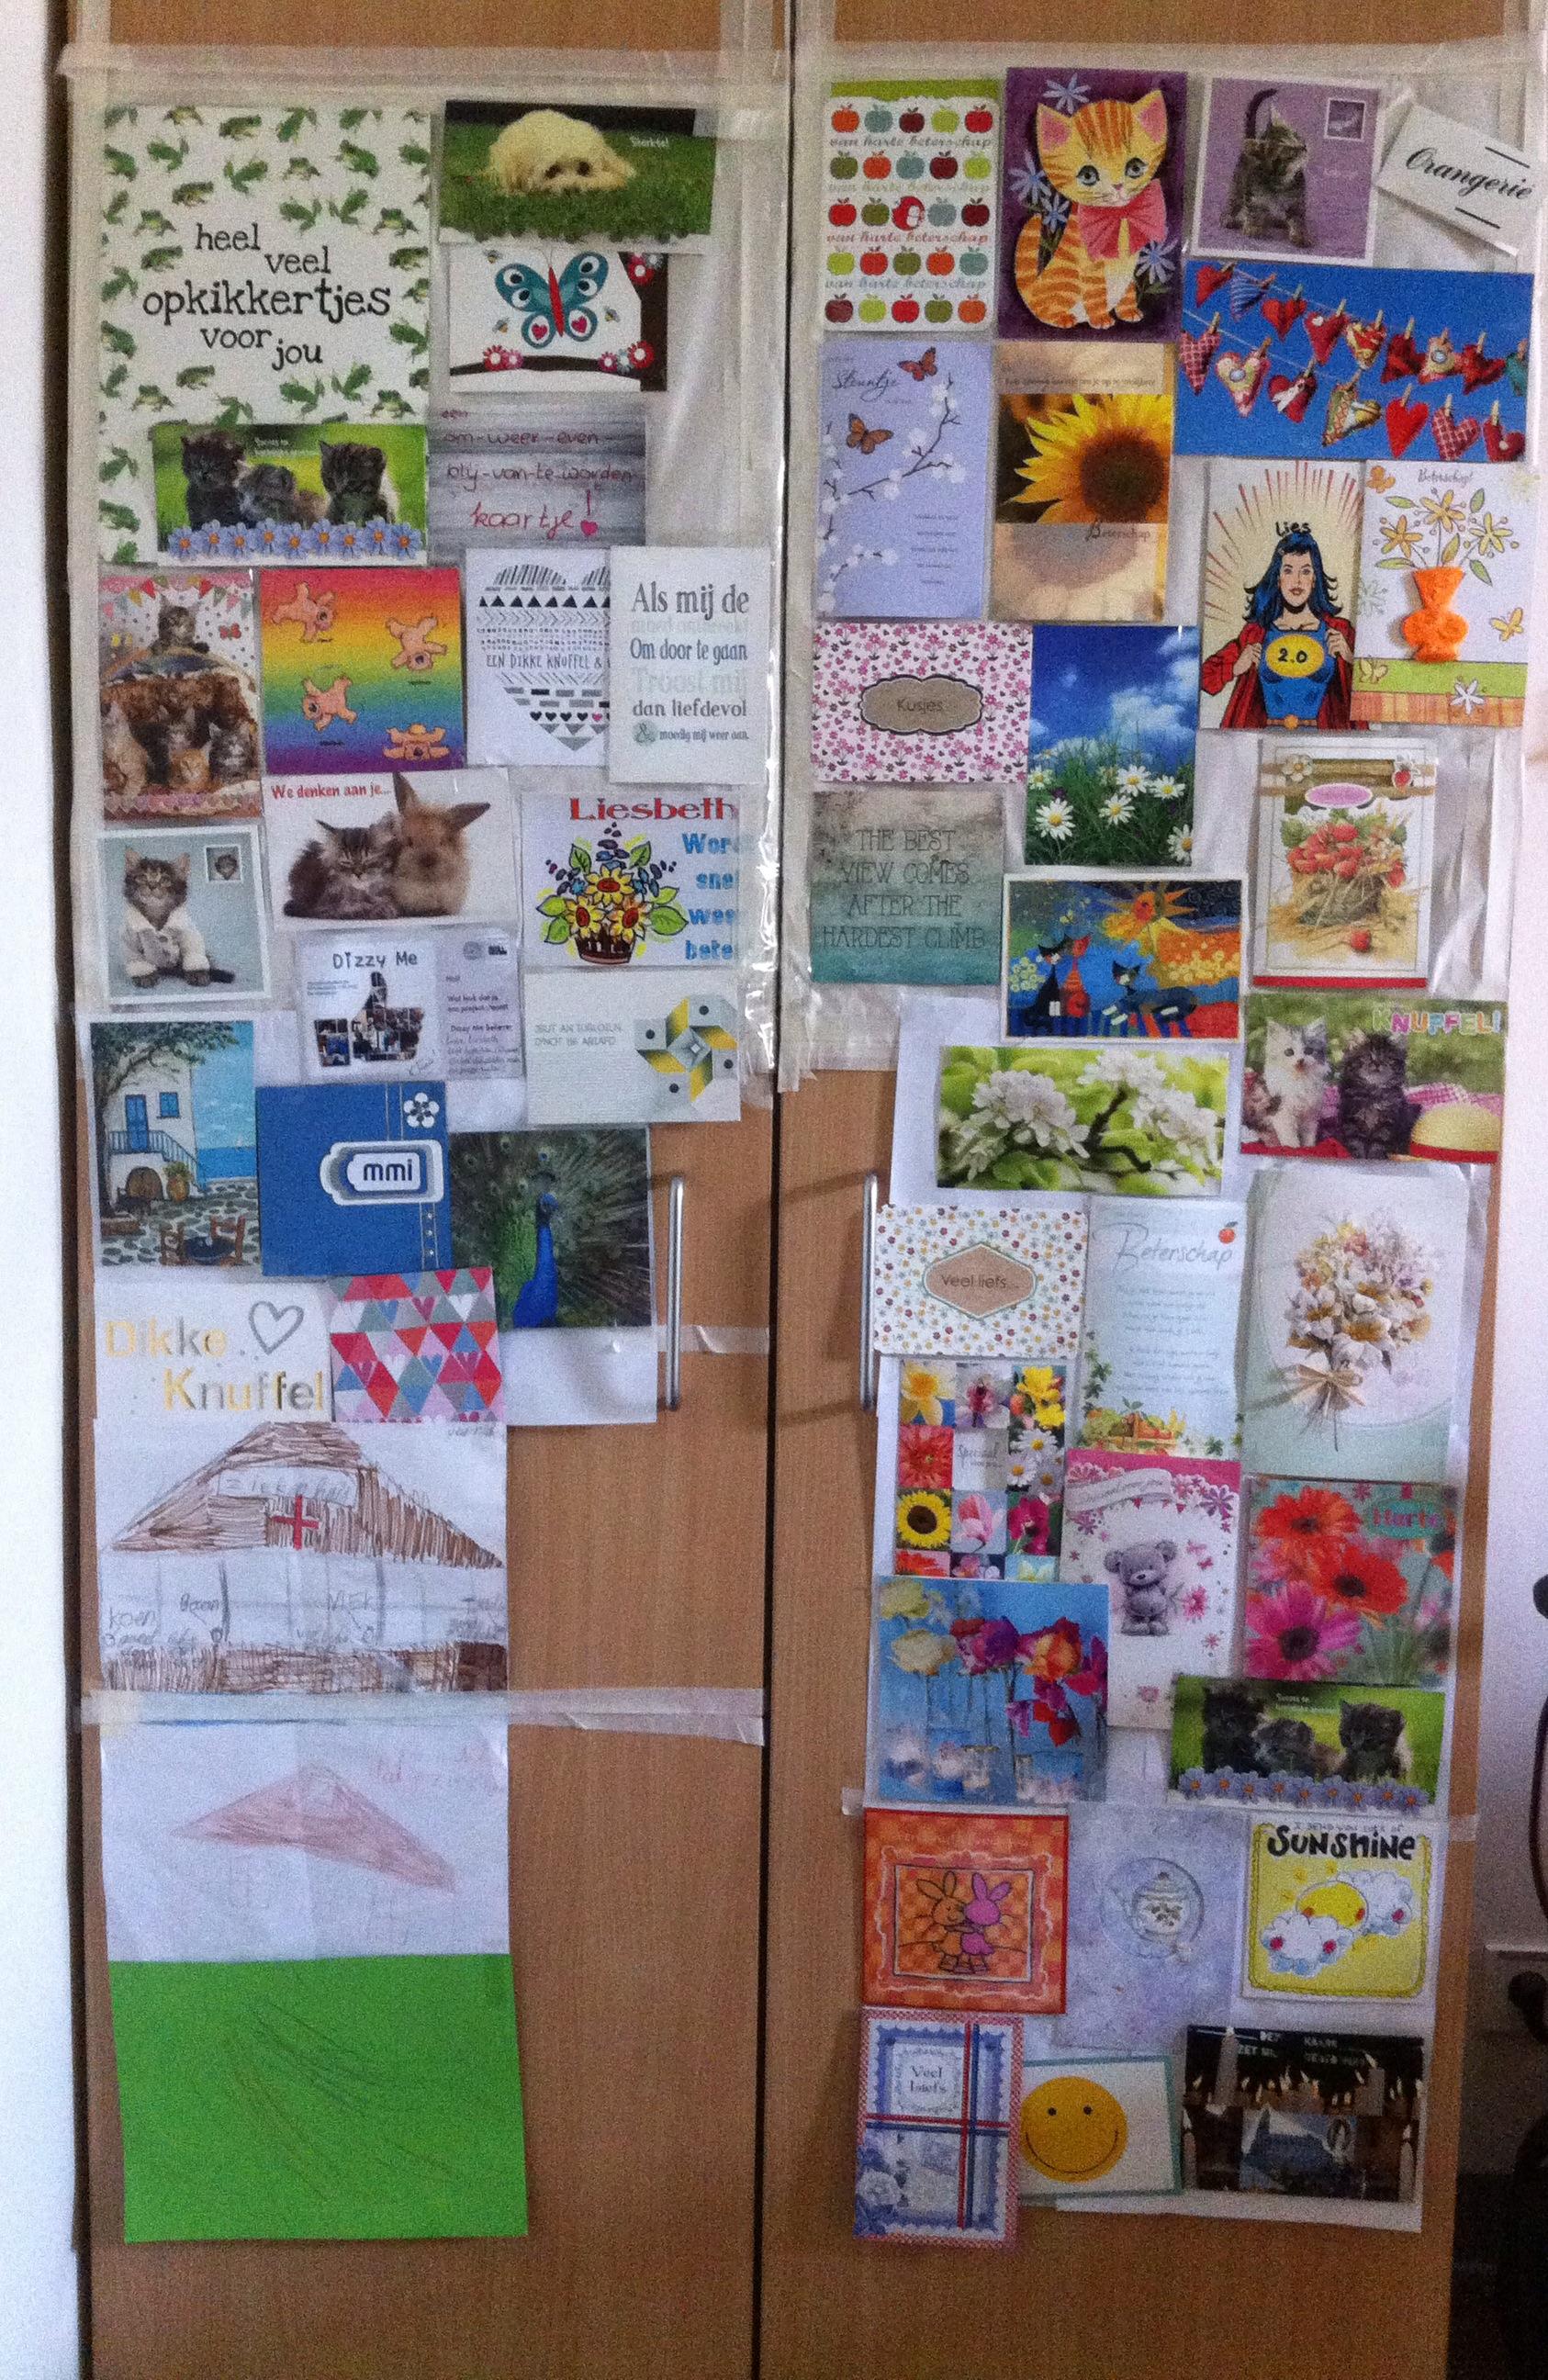 kastdeuren vol kaarten